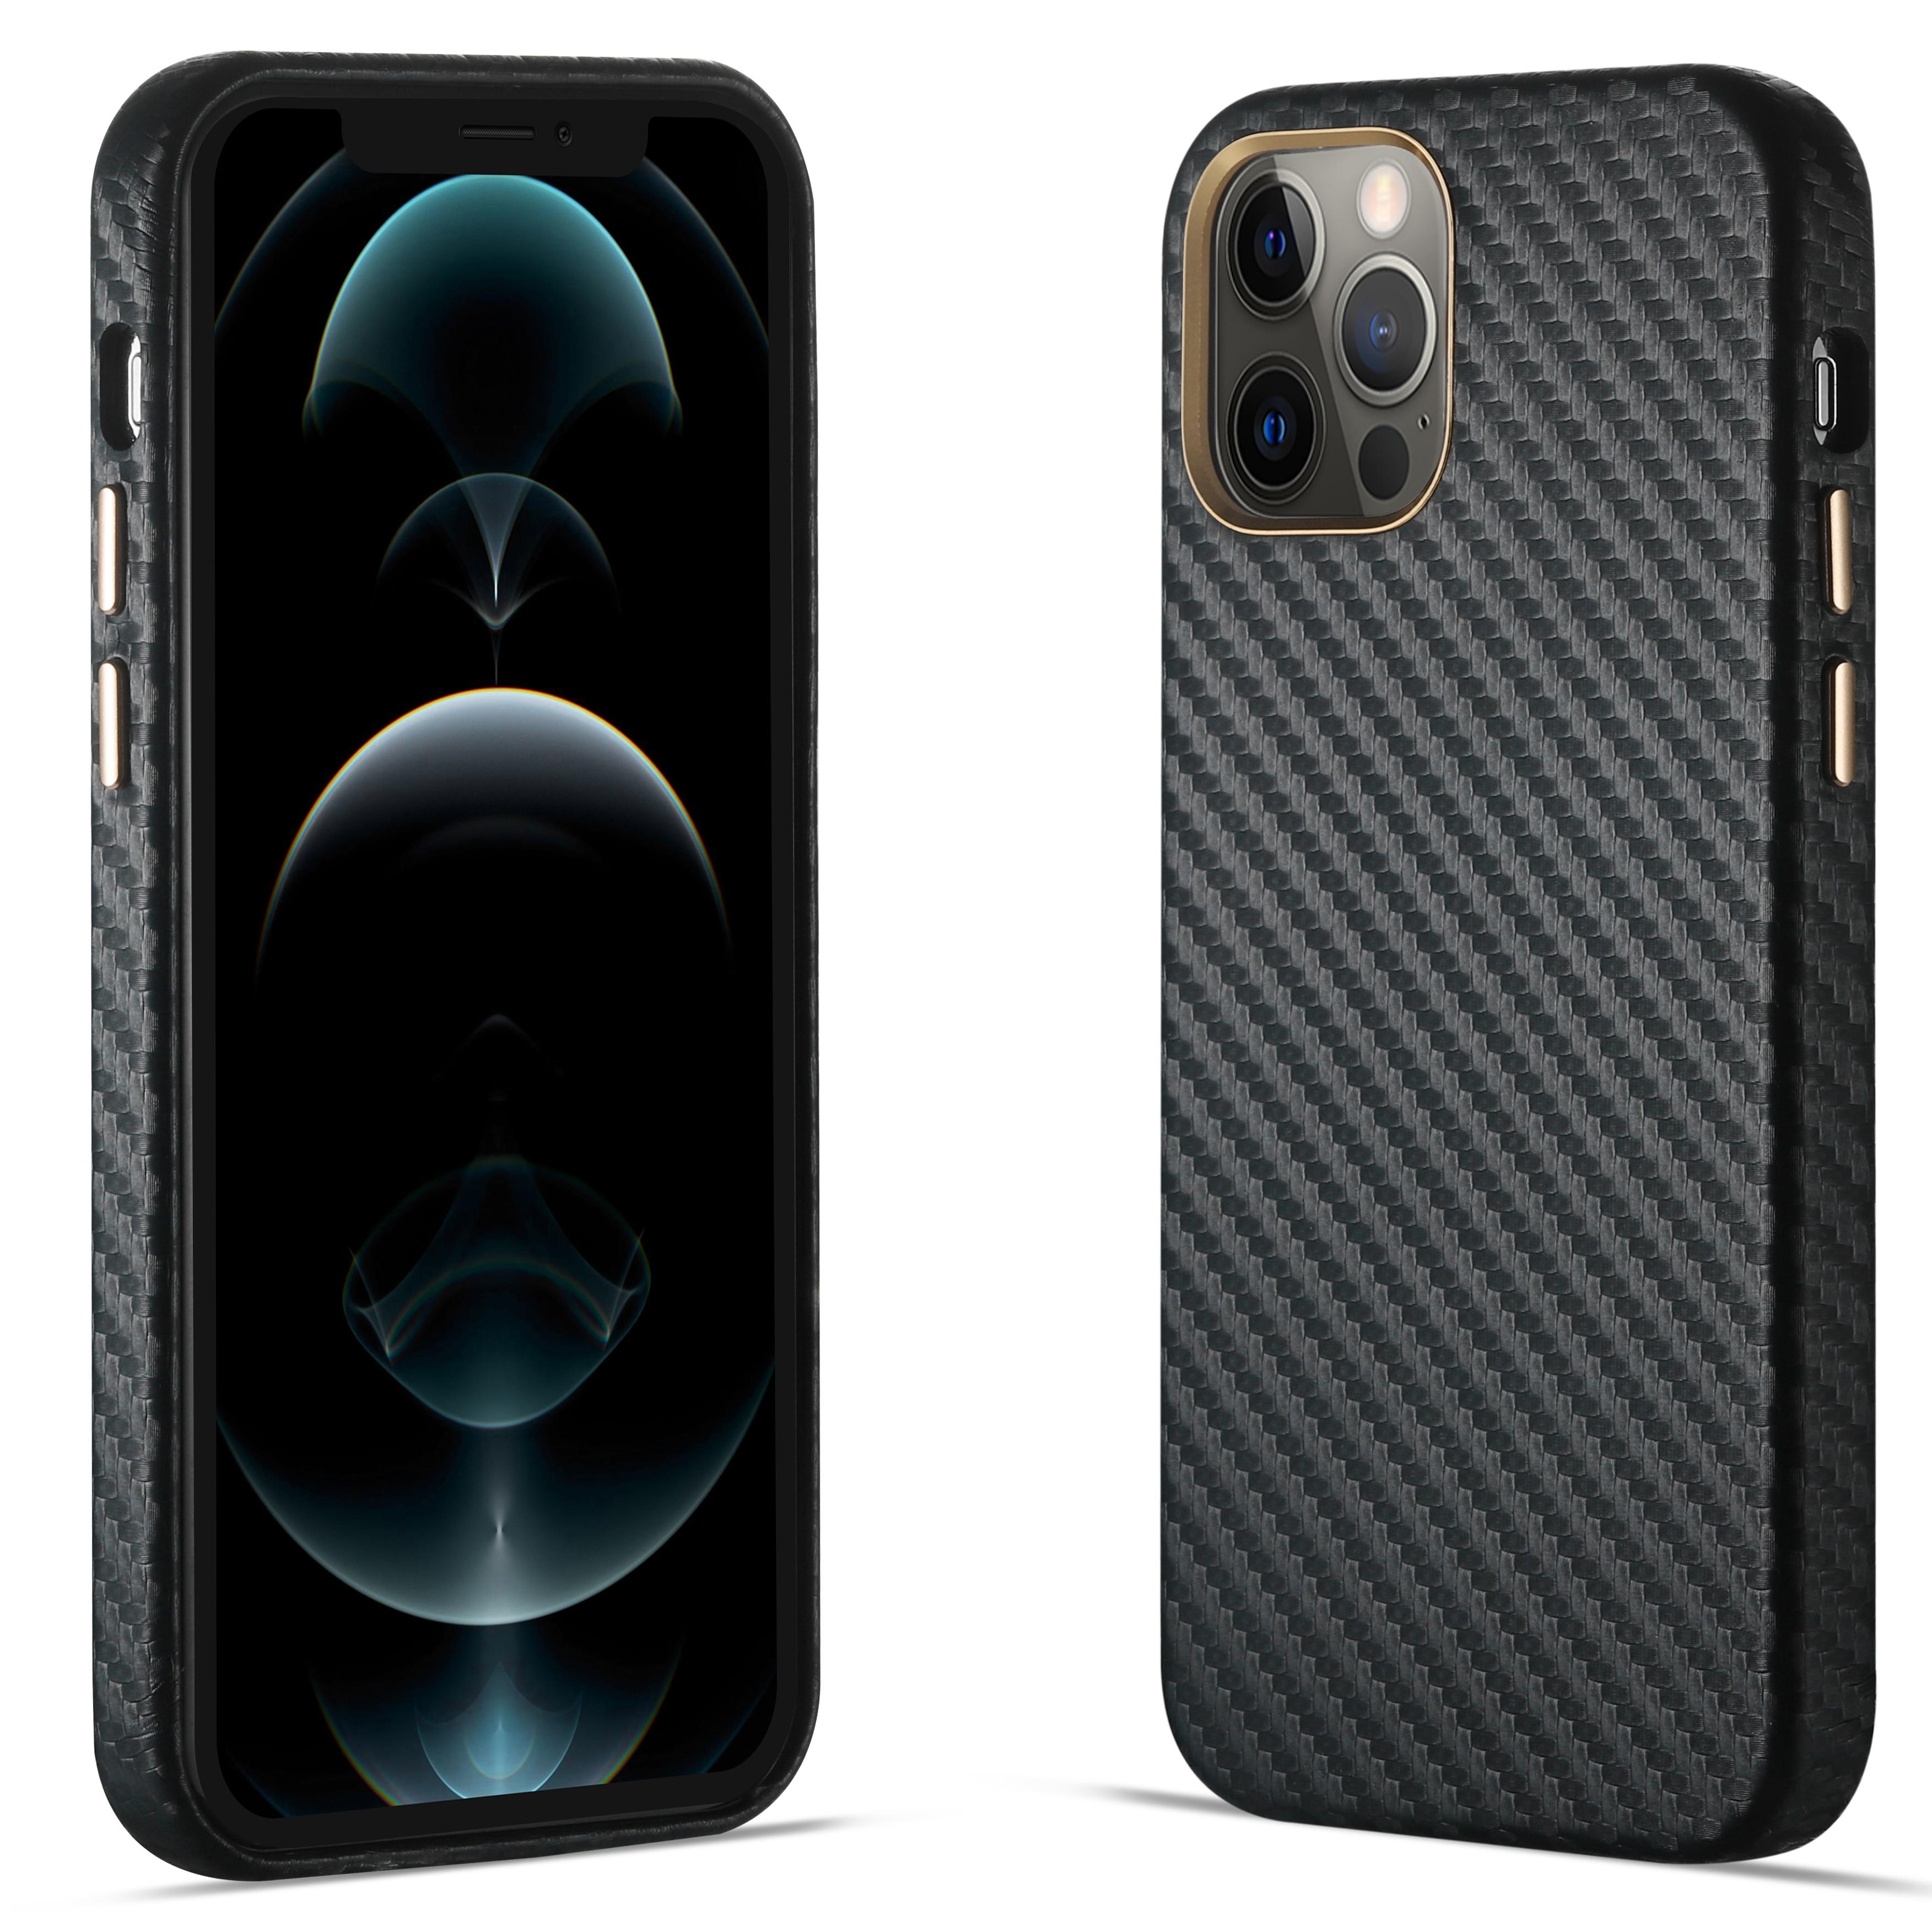 R-JUST полуобернутый из углеродного волокна для телефонов, чехол для iPhone 12 11 Pro Xs Max ультра-тонкий чистый чехол для iPhone X iPhone SE 7 8 плюс 2020 чехол